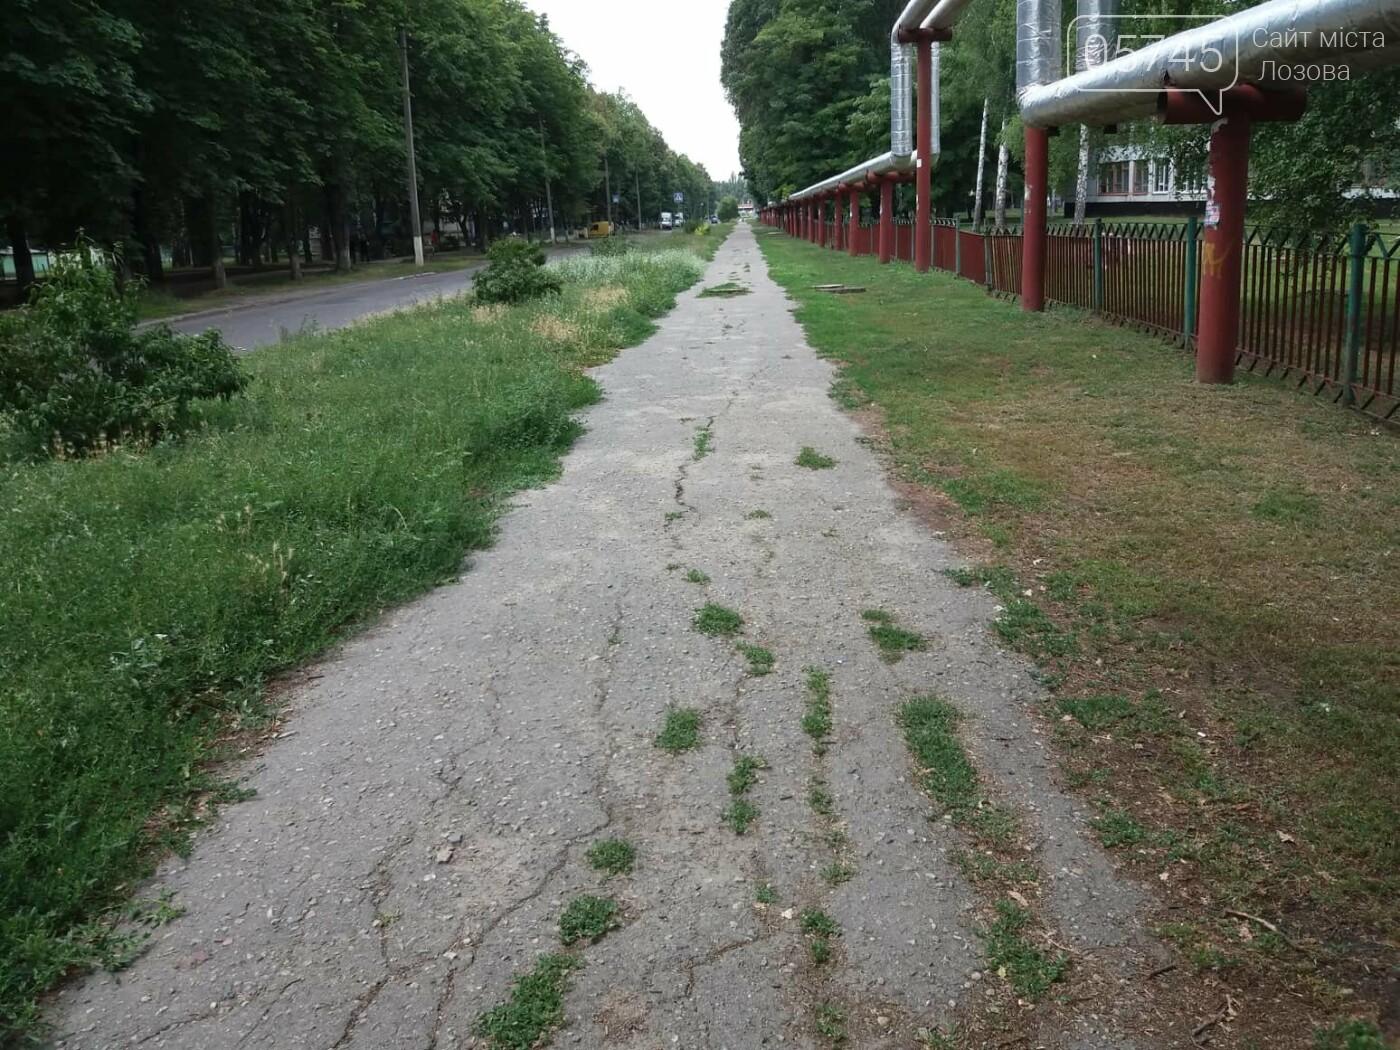 Лозовские улицы зарастают амброзией, фото-3